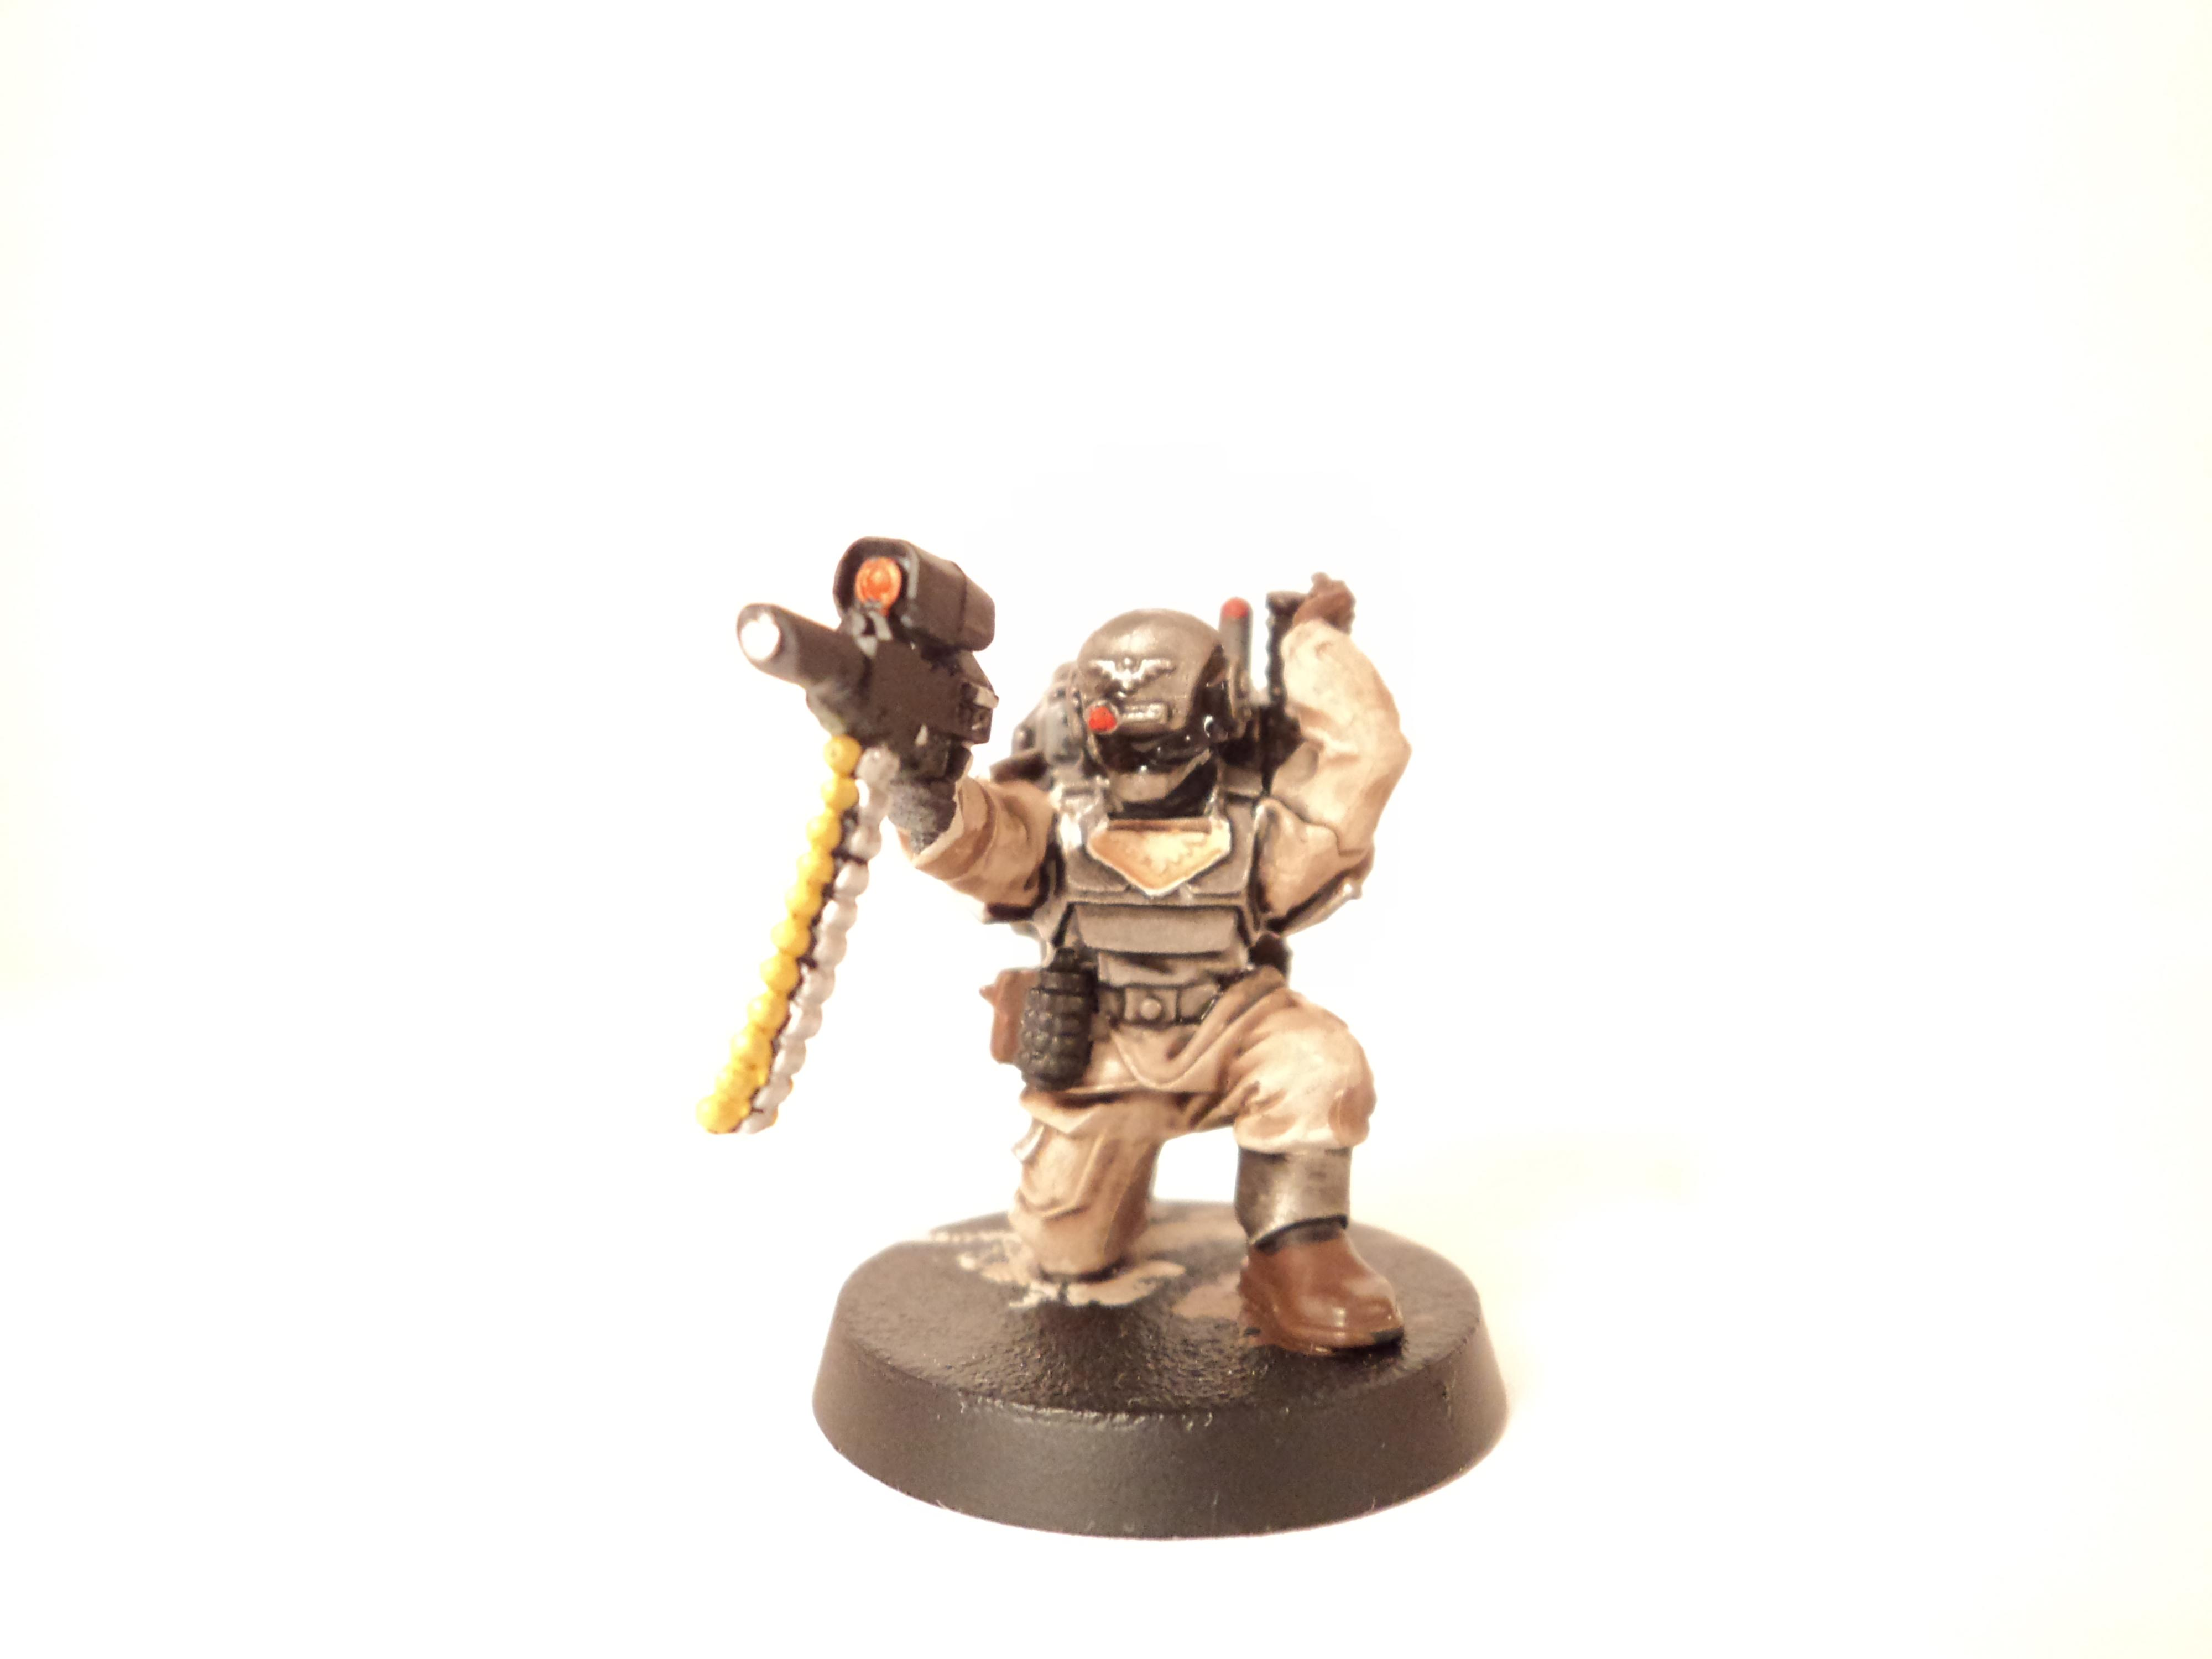 Ammobelt, Commando, Conversion, Imperial Guard, Marbo